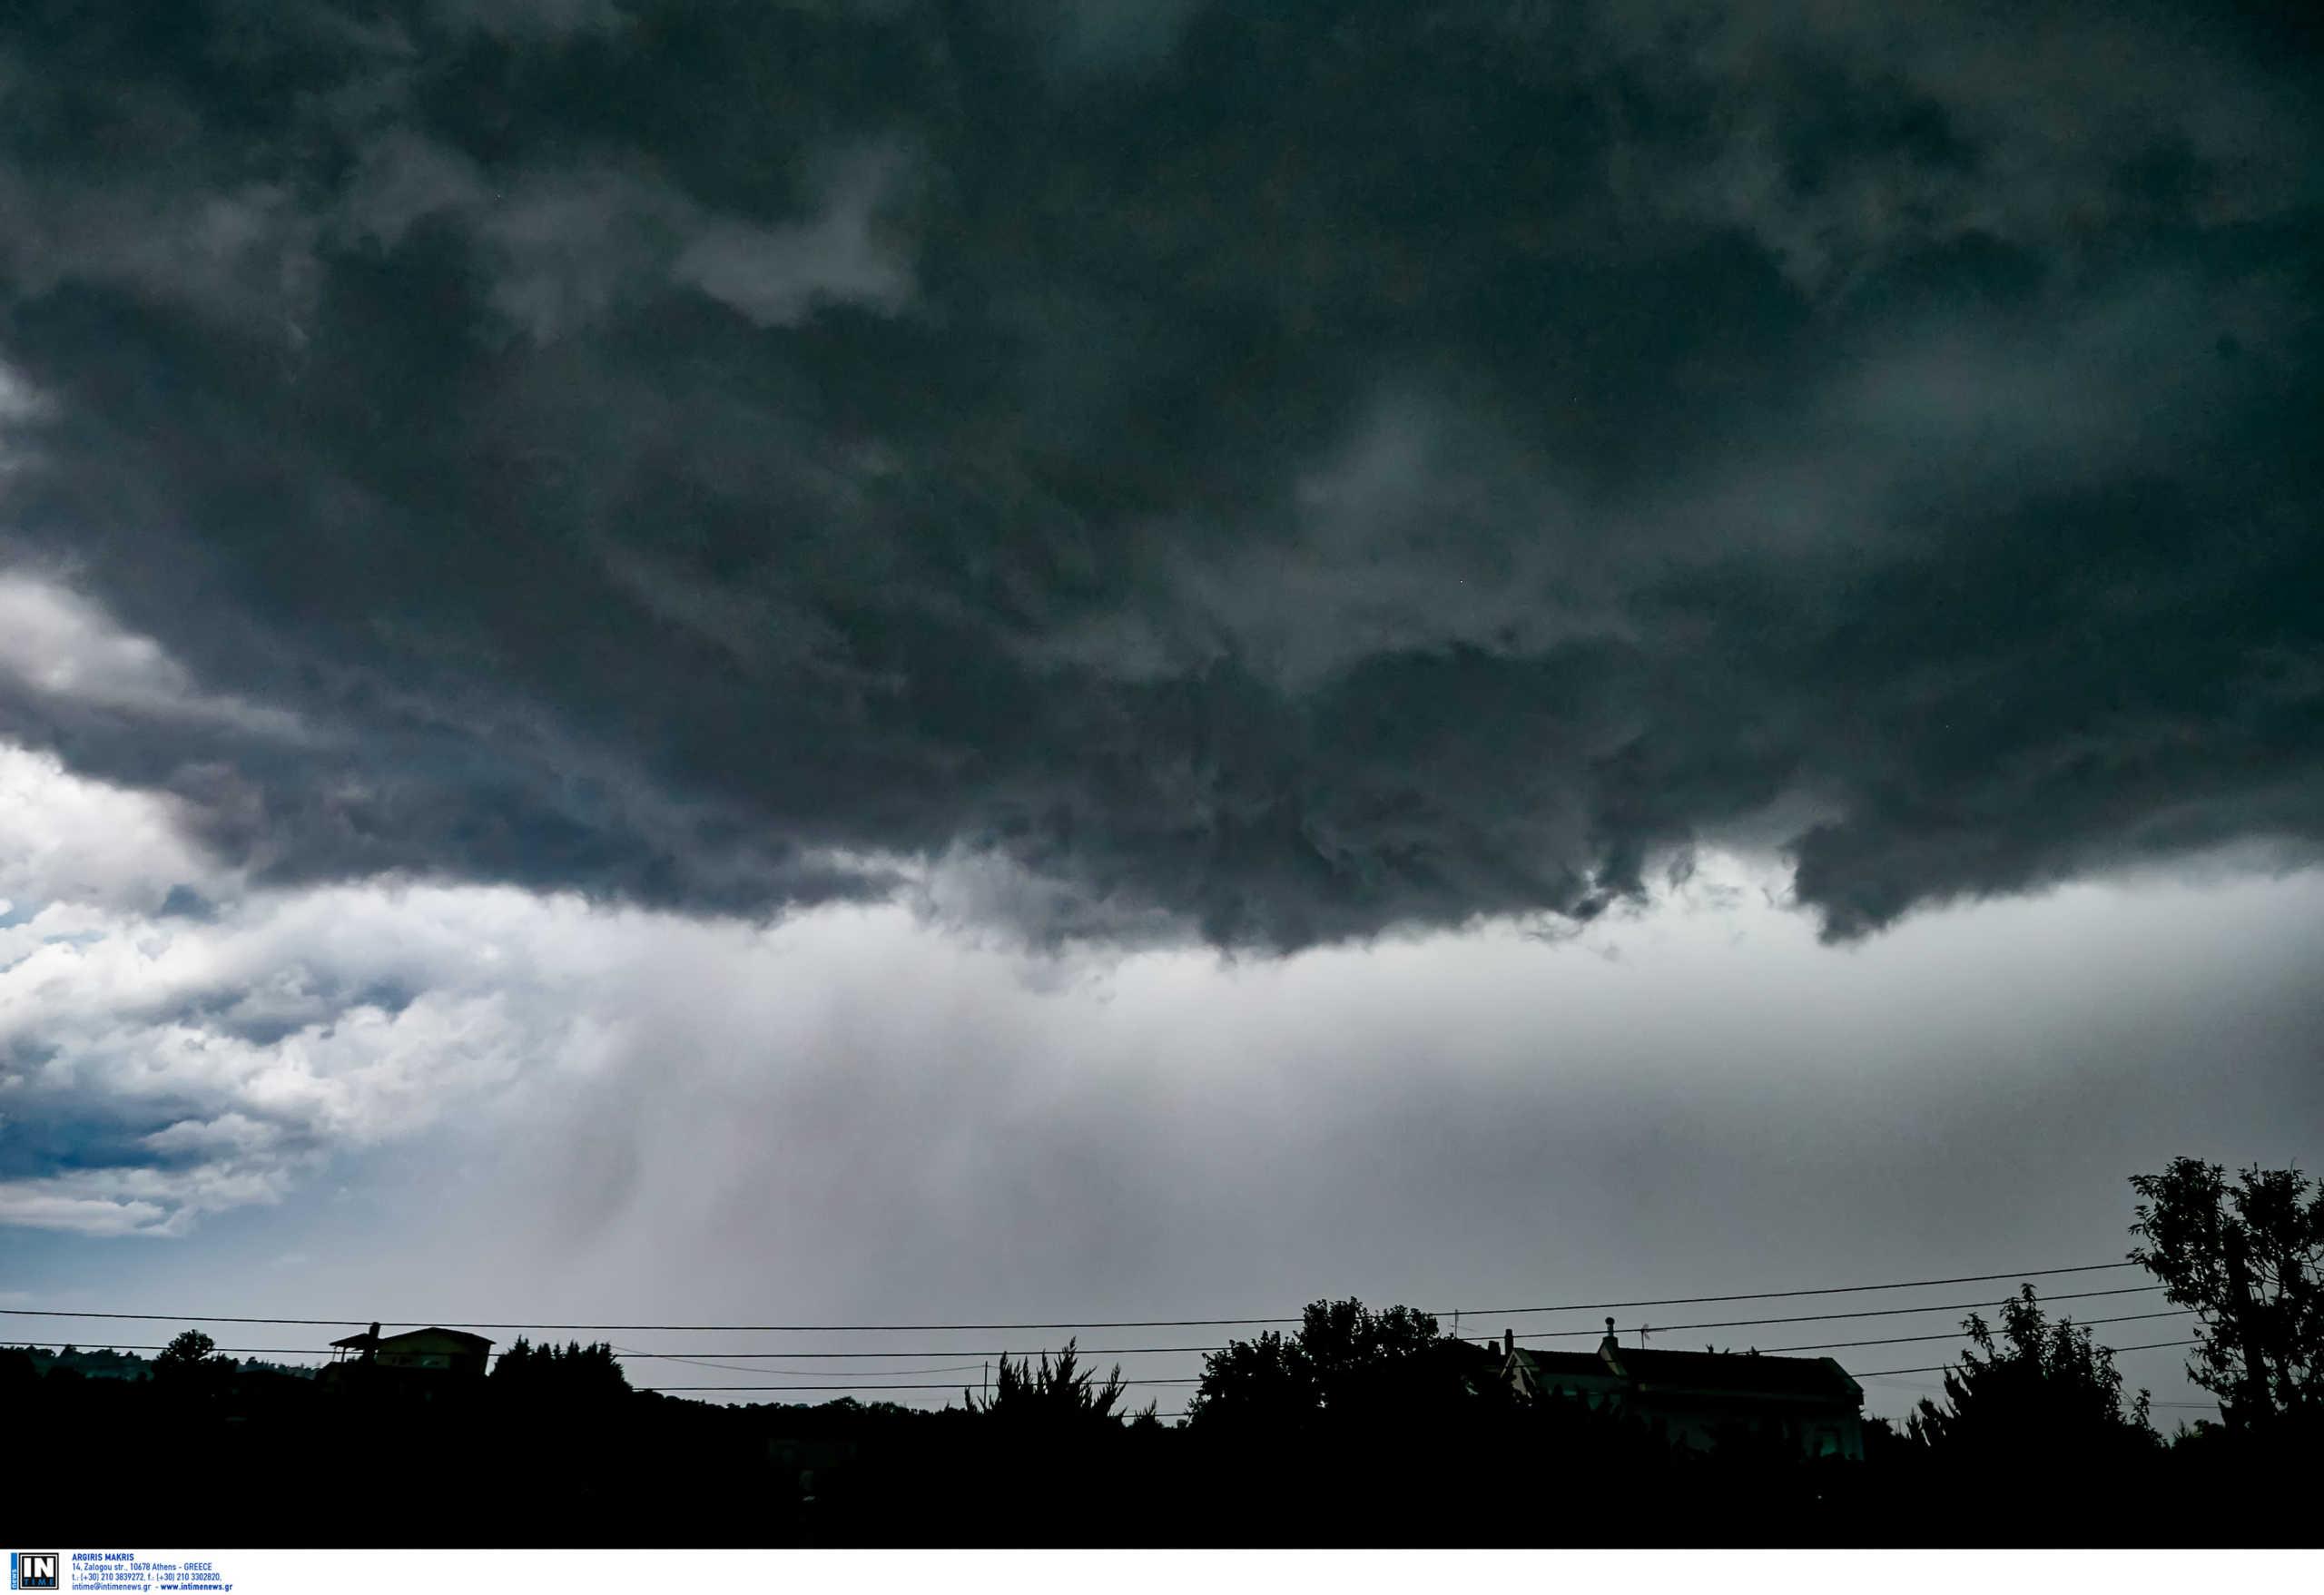 Καιρός σήμερα: Βροχές και ισχυρές καταιγίδες – Που θα χτυπήσει η κακοκαιρία